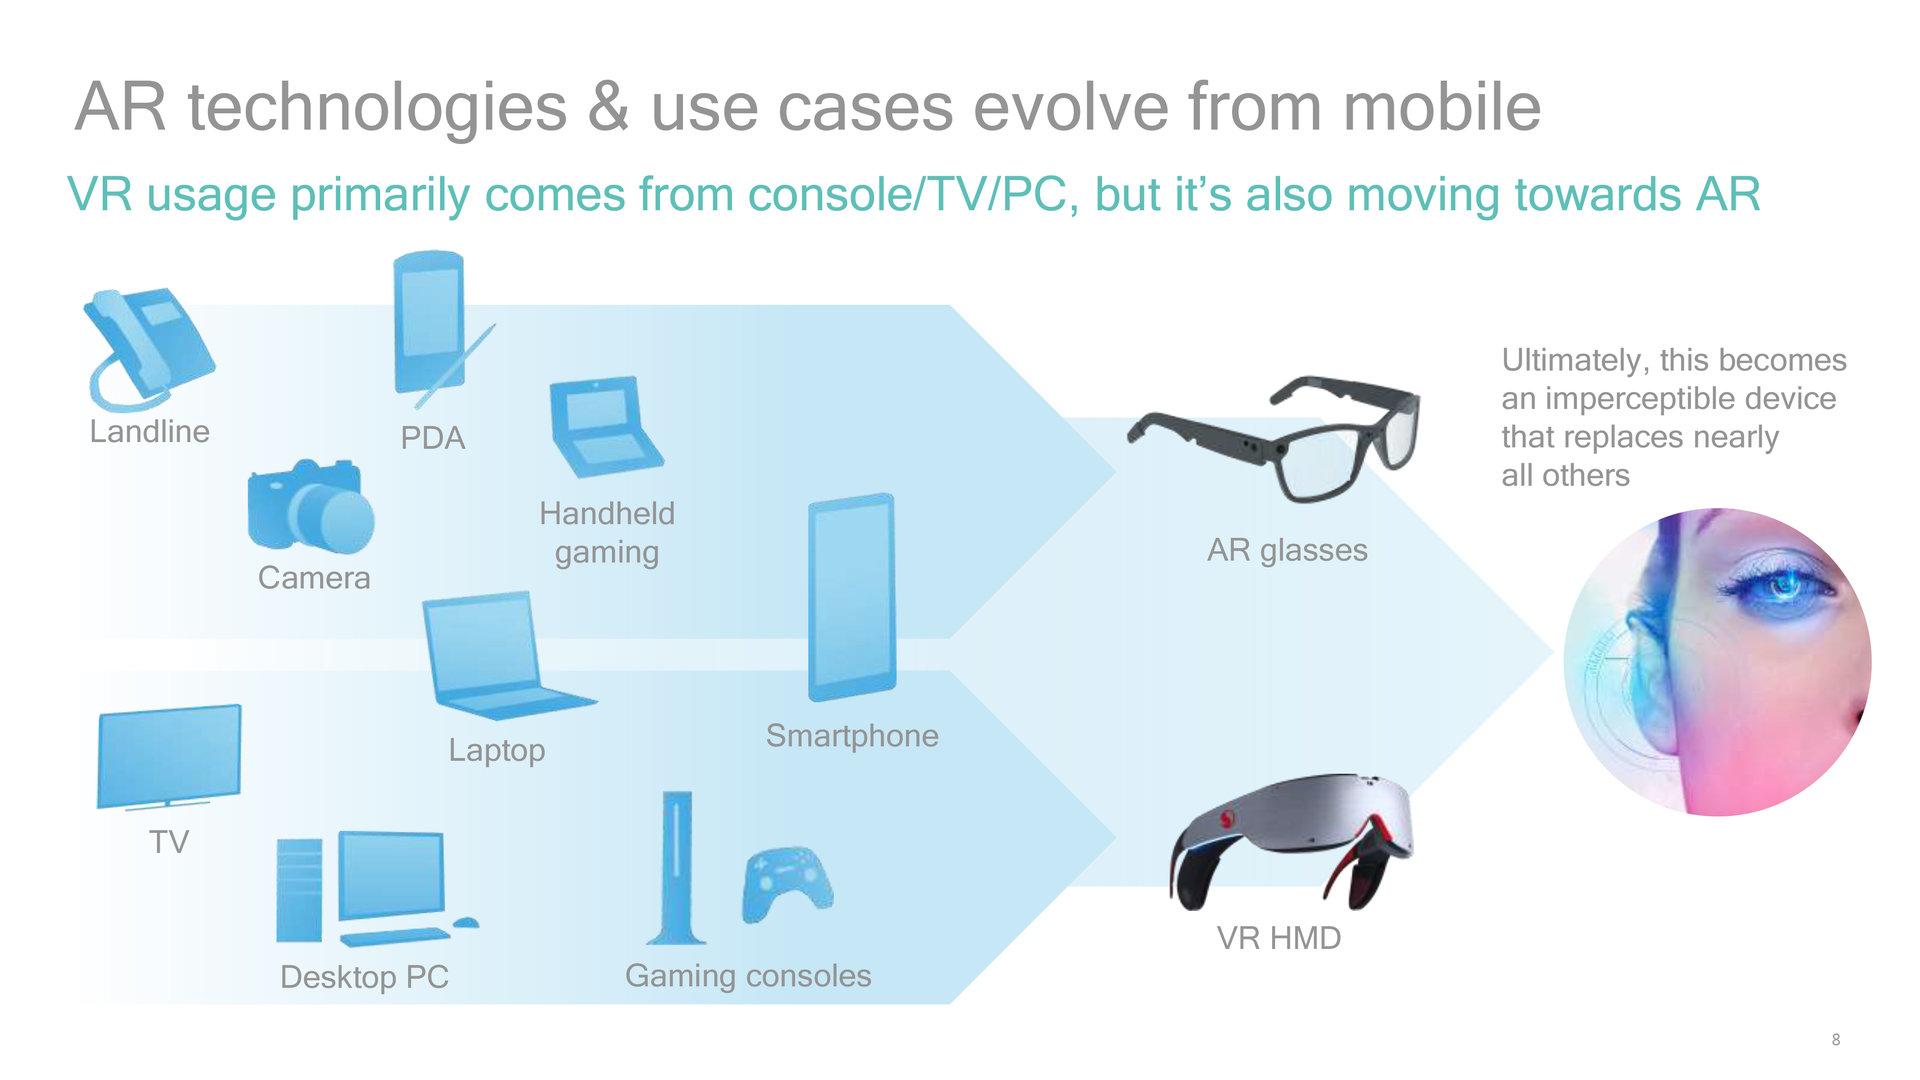 In AR münden diverse Mobilitätstrends